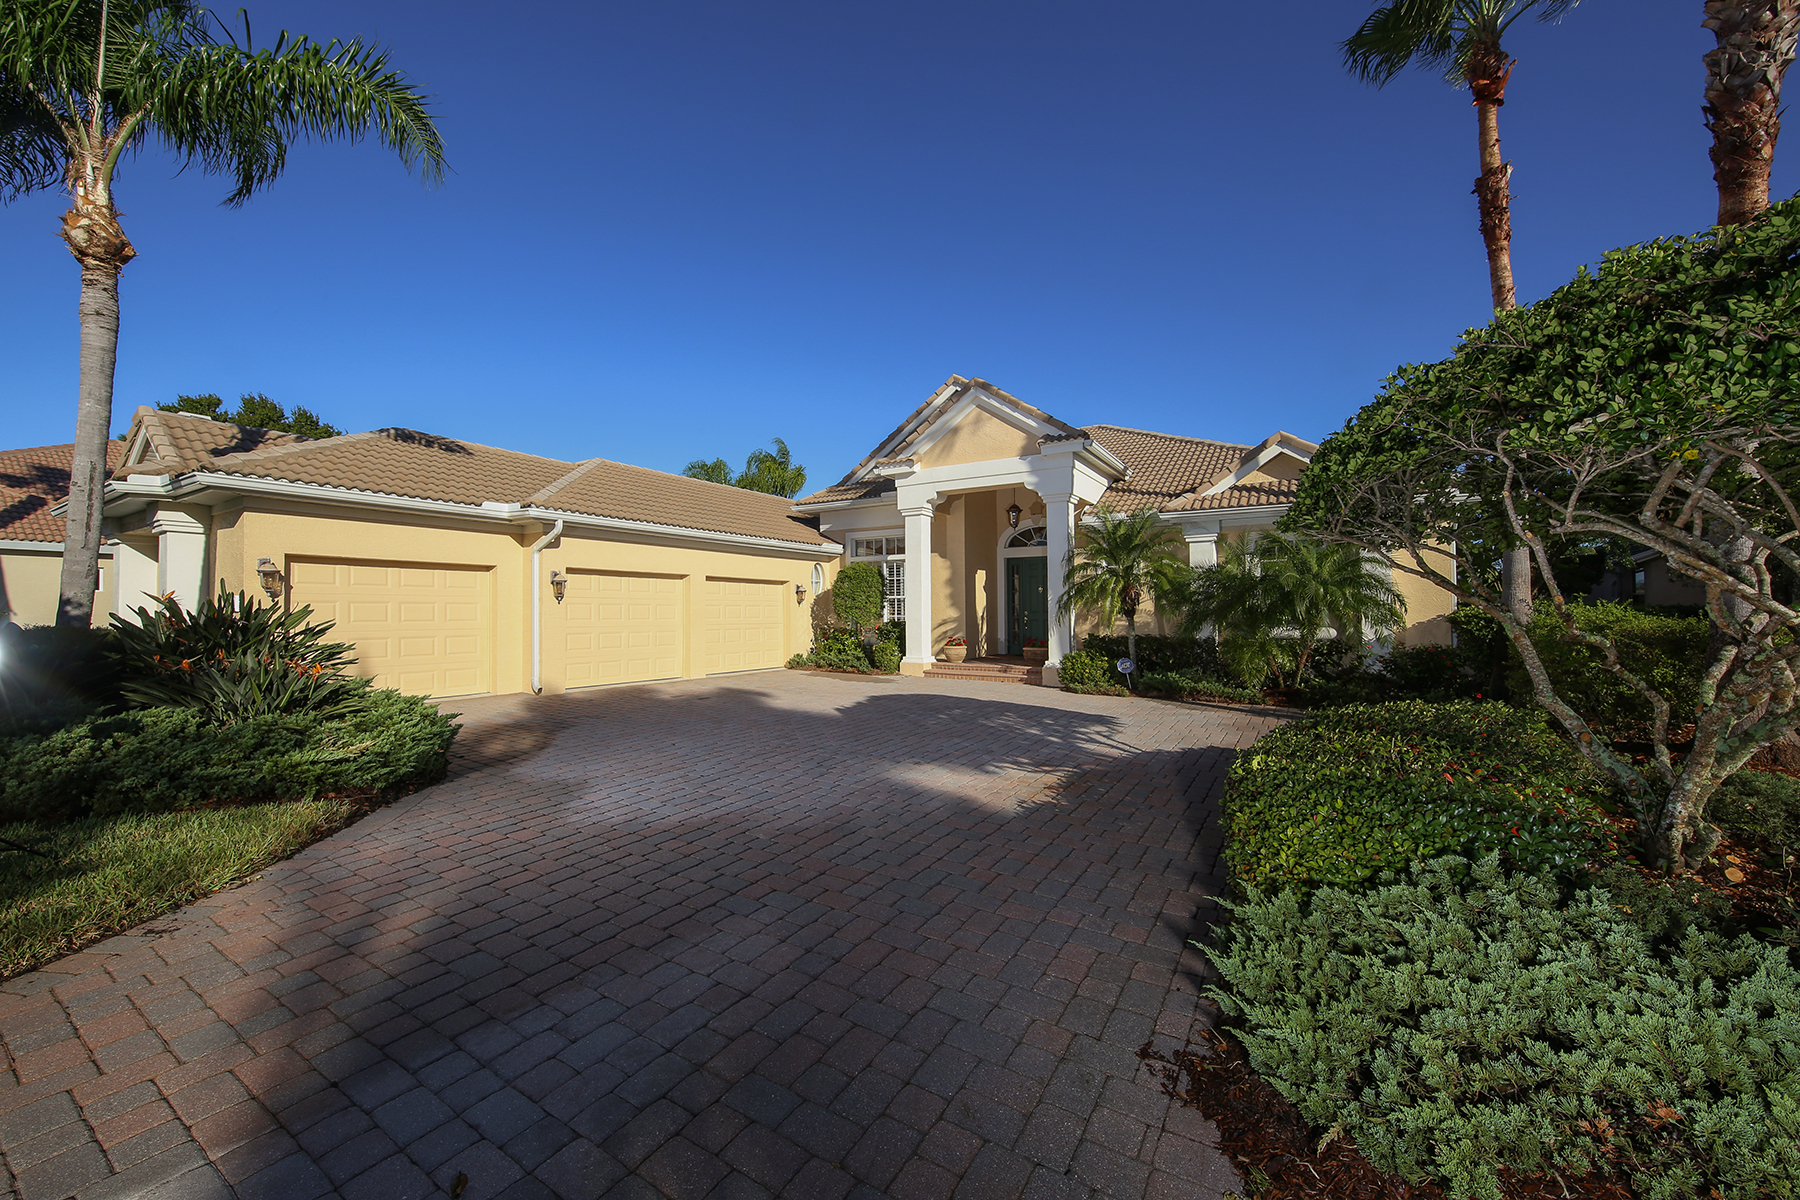 独户住宅 为 销售 在 UNIVERSITY PARK 6905 Langley Pl University Park, 佛罗里达州, 34201 美国